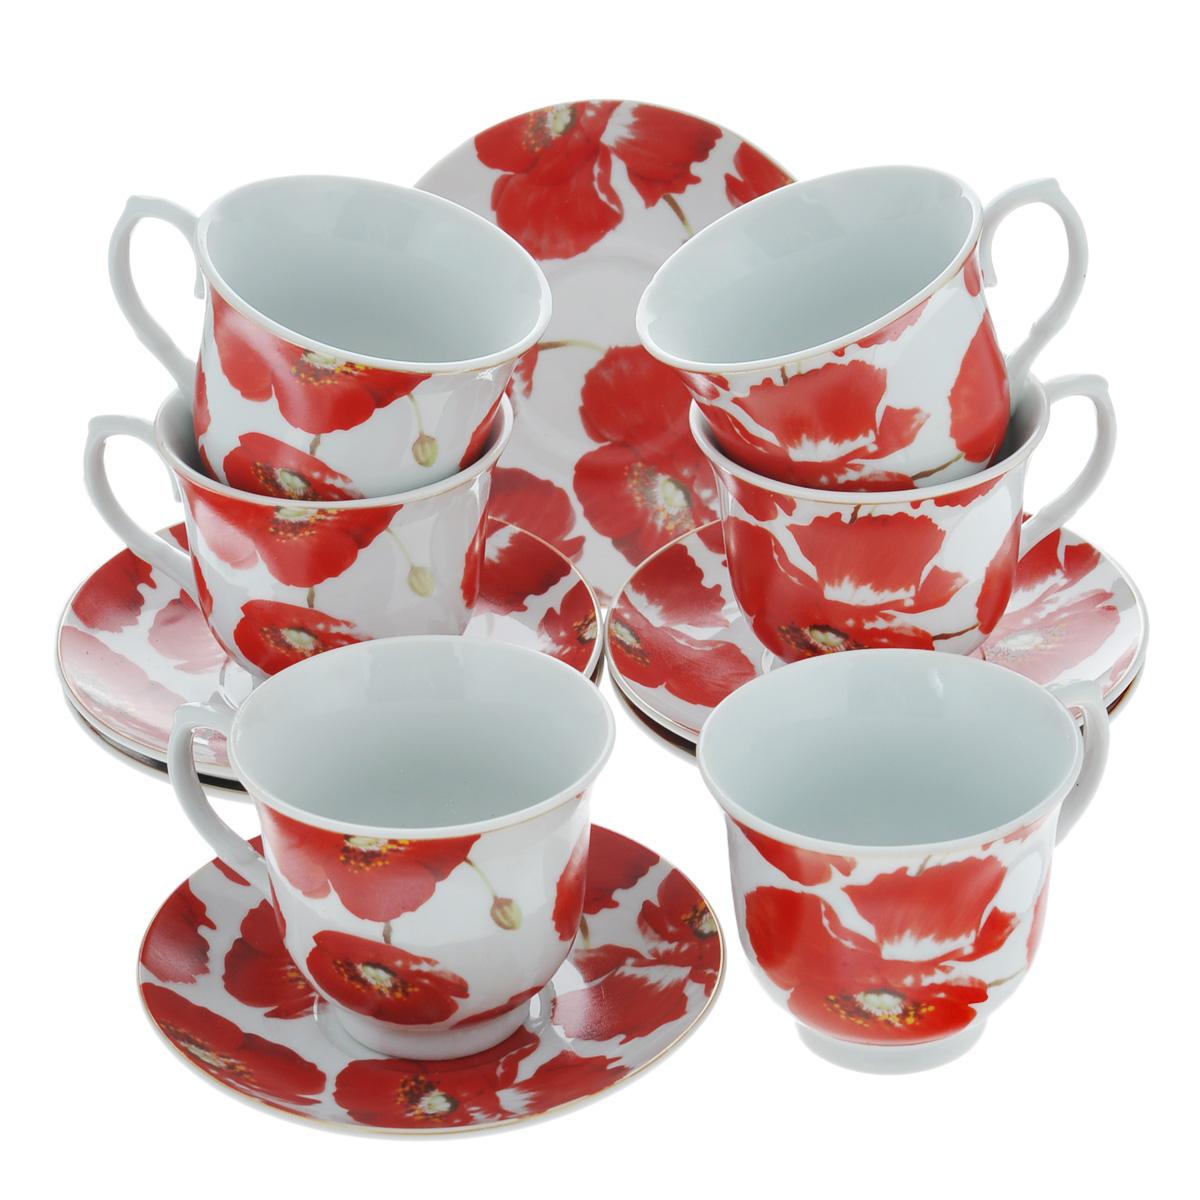 Набор чайный Bekker, 12 предметов. BK-5977115510Чайный набор Bekker состоит из шести чашек и шести блюдец. Предметы набора изготовлены из высококачественного фарфора белого цвета и украшены ярким изображением красных маков. Чайный набор яркого и в тоже время лаконичного дизайна украсит интерьер кухни и сделает ежедневное чаепитие настоящим праздником.Набор упакован в круглую подарочную картонную коробку золотистого цвета. Подходит для мытья в посудомоечной машине. Объем чашки: 220 мл. Диаметр чашки (по верхнему краю): 9 см. Высота чашки: 7,5 см. Диаметр блюдца: 14 см.